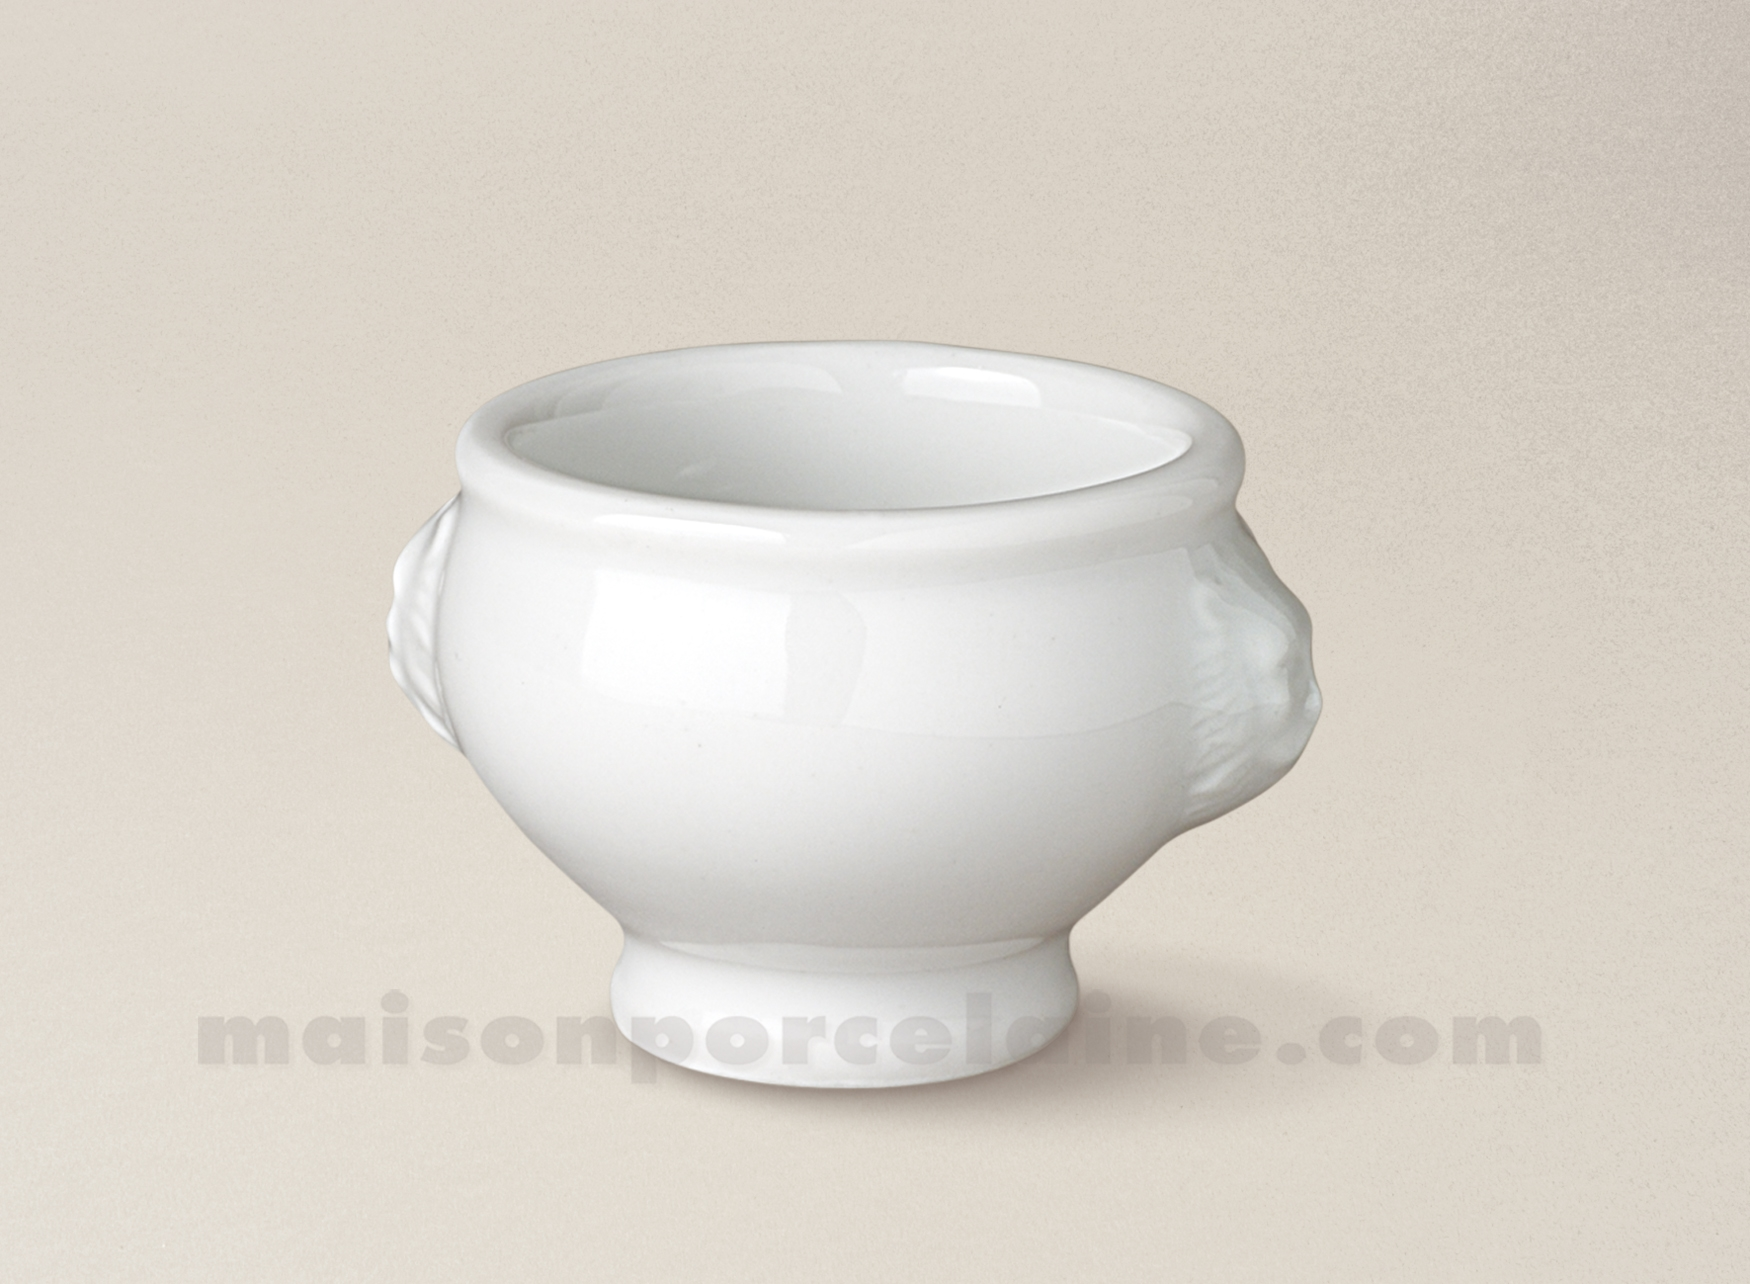 Mise en bouche porcelaine blanche tetes lion 7x6 6cl for Interieur de la bouche blanche